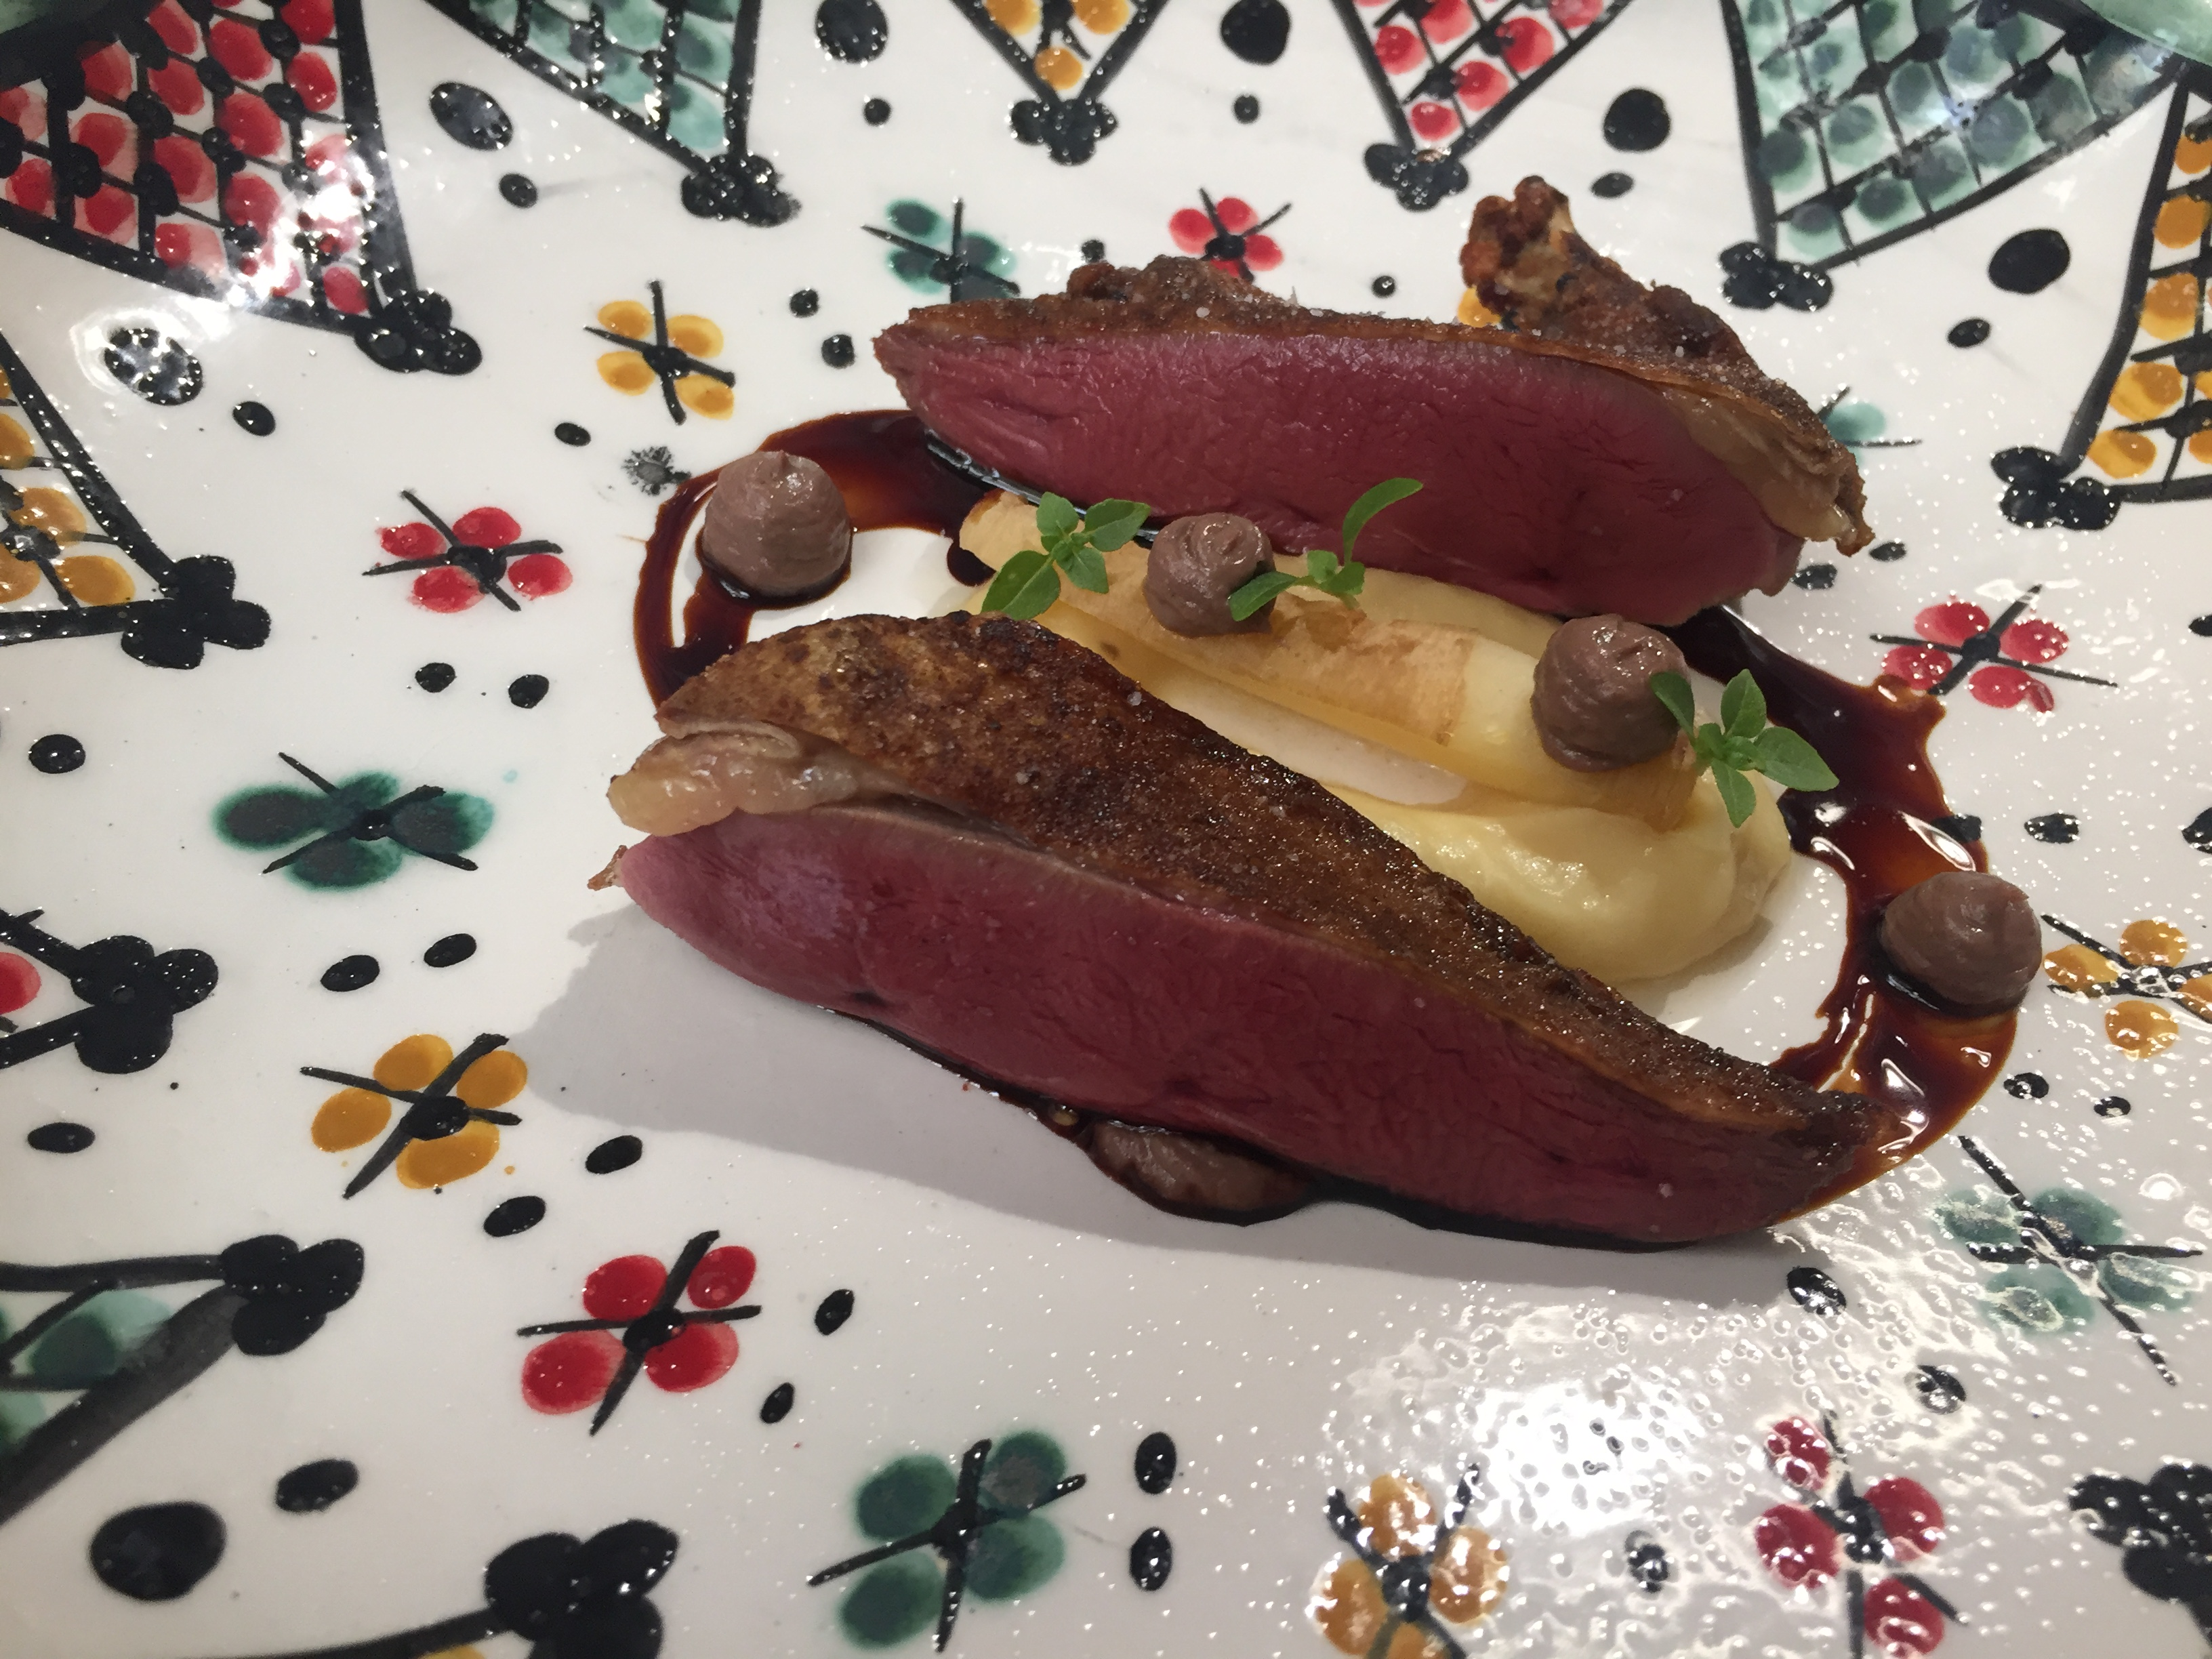 Ignacio Medina – Página 2 – Crítico culinario